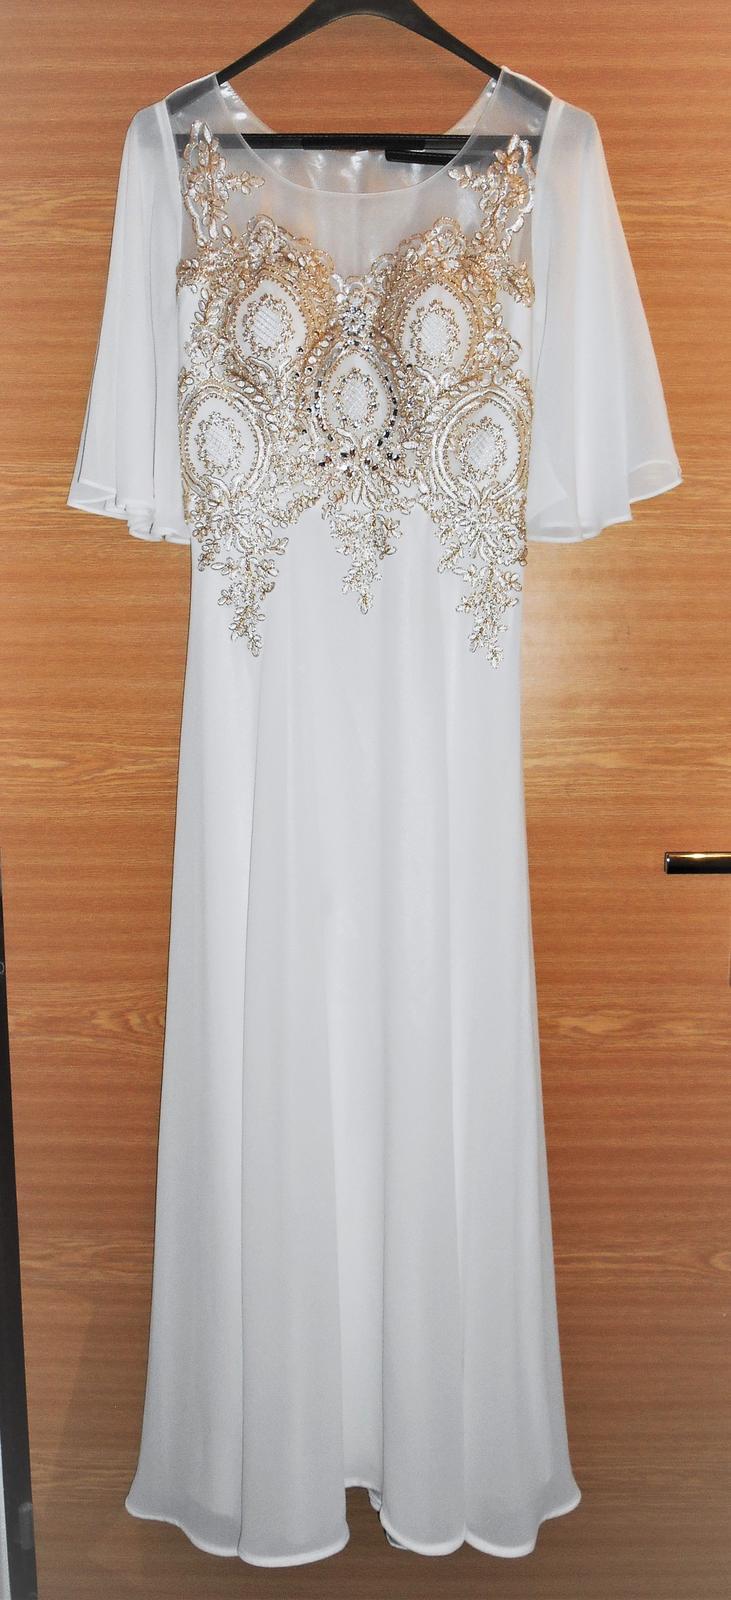 biele spoločenské šaty Pretty Women veľ. 42 - Obrázok č. 2